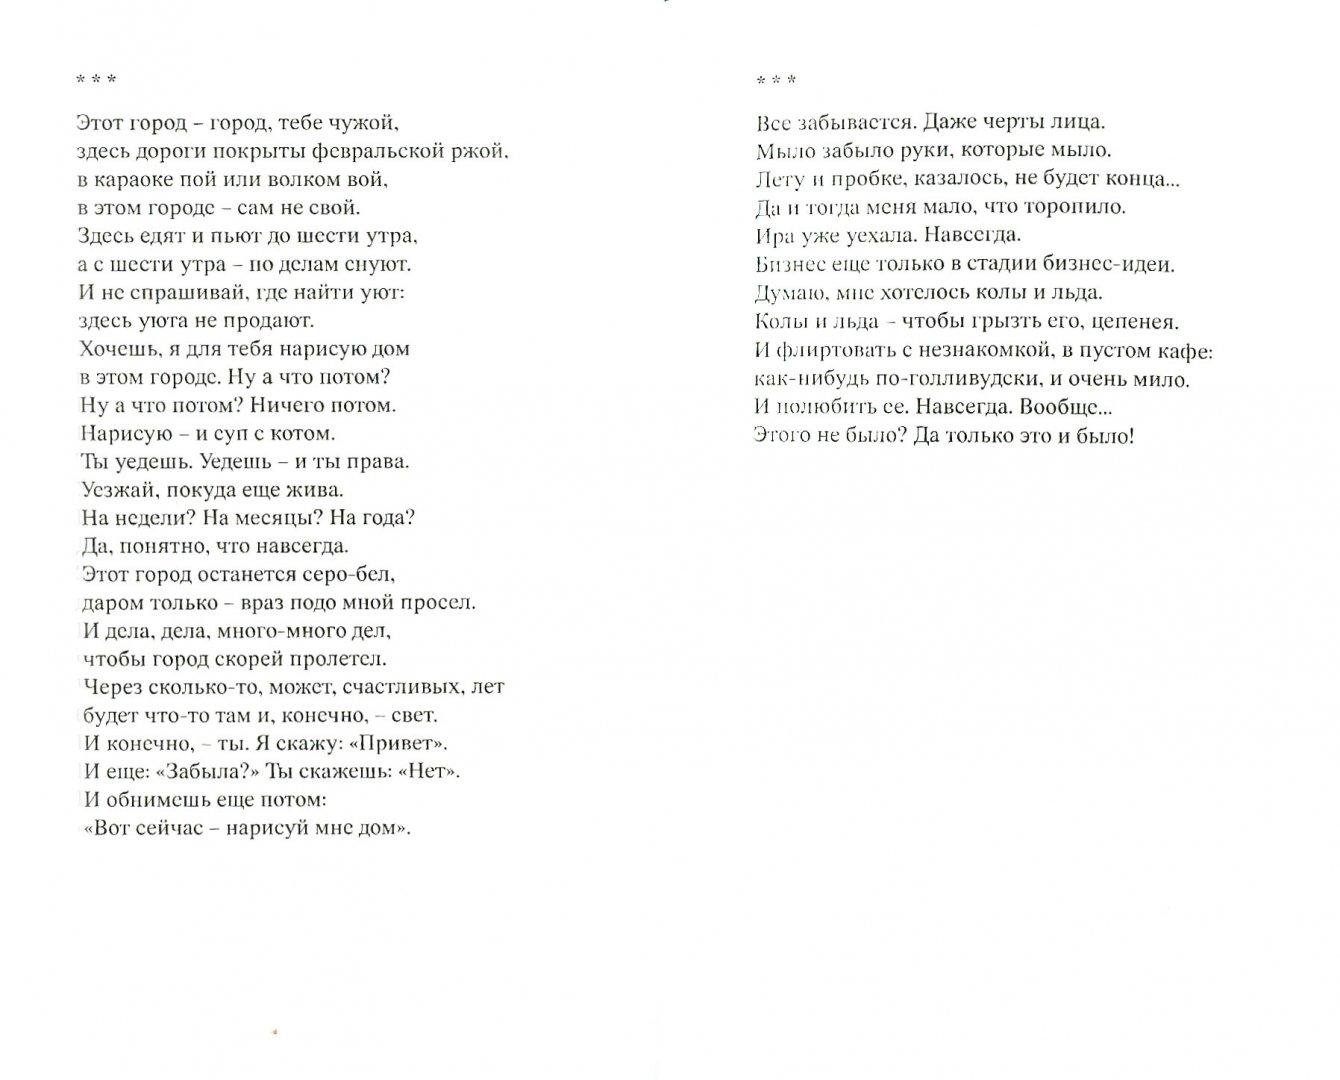 Иллюстрация 1 из 9 для Перед грозой - Иван Купреянов   Лабиринт - книги. Источник: Лабиринт